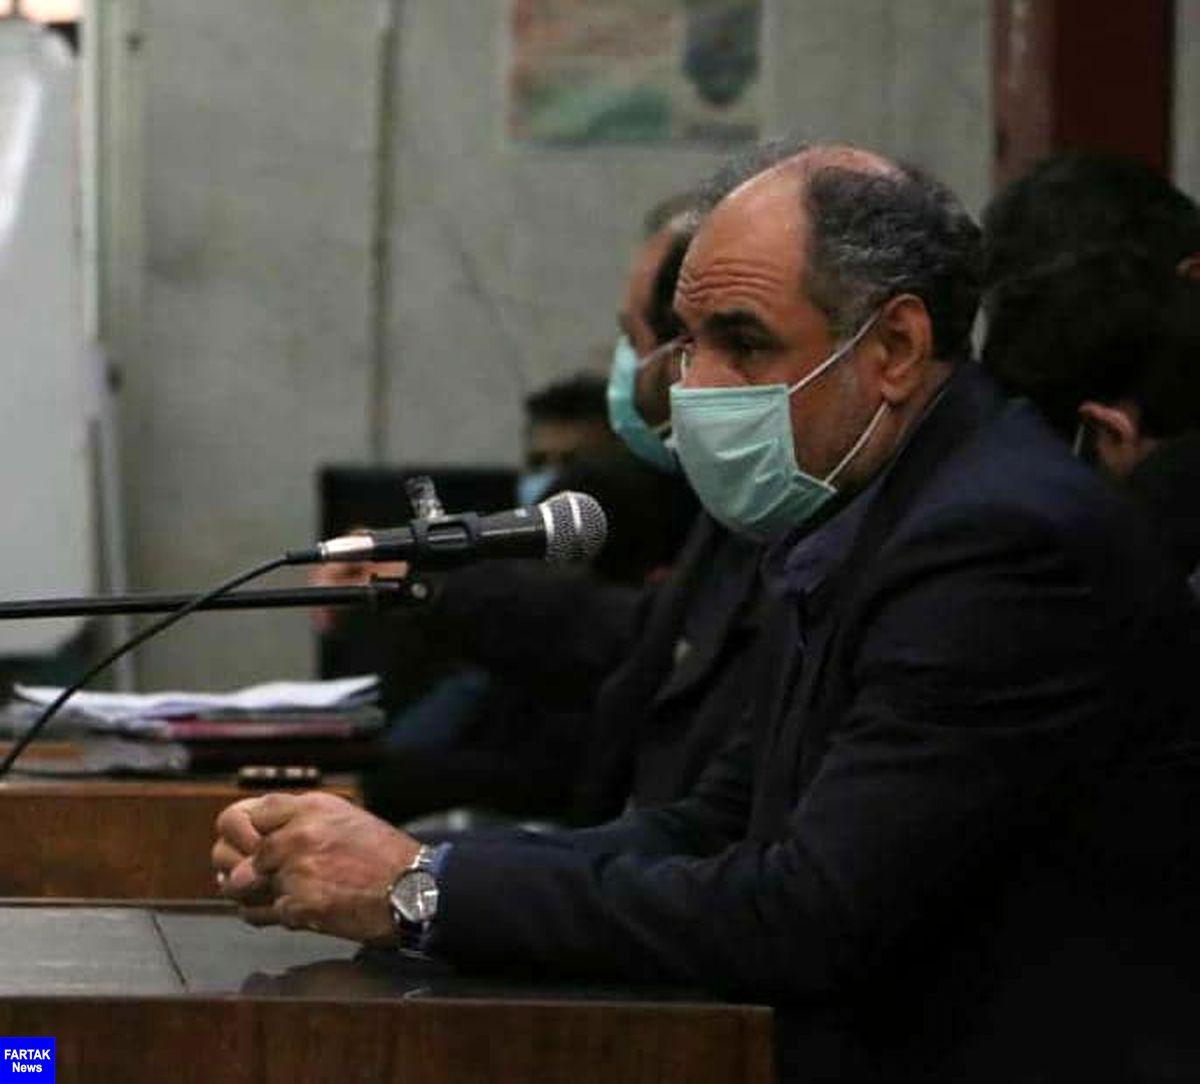 آزادی 101 زندانی با حضور رئیس کل دادگستری استان در زندان ماهیدشت